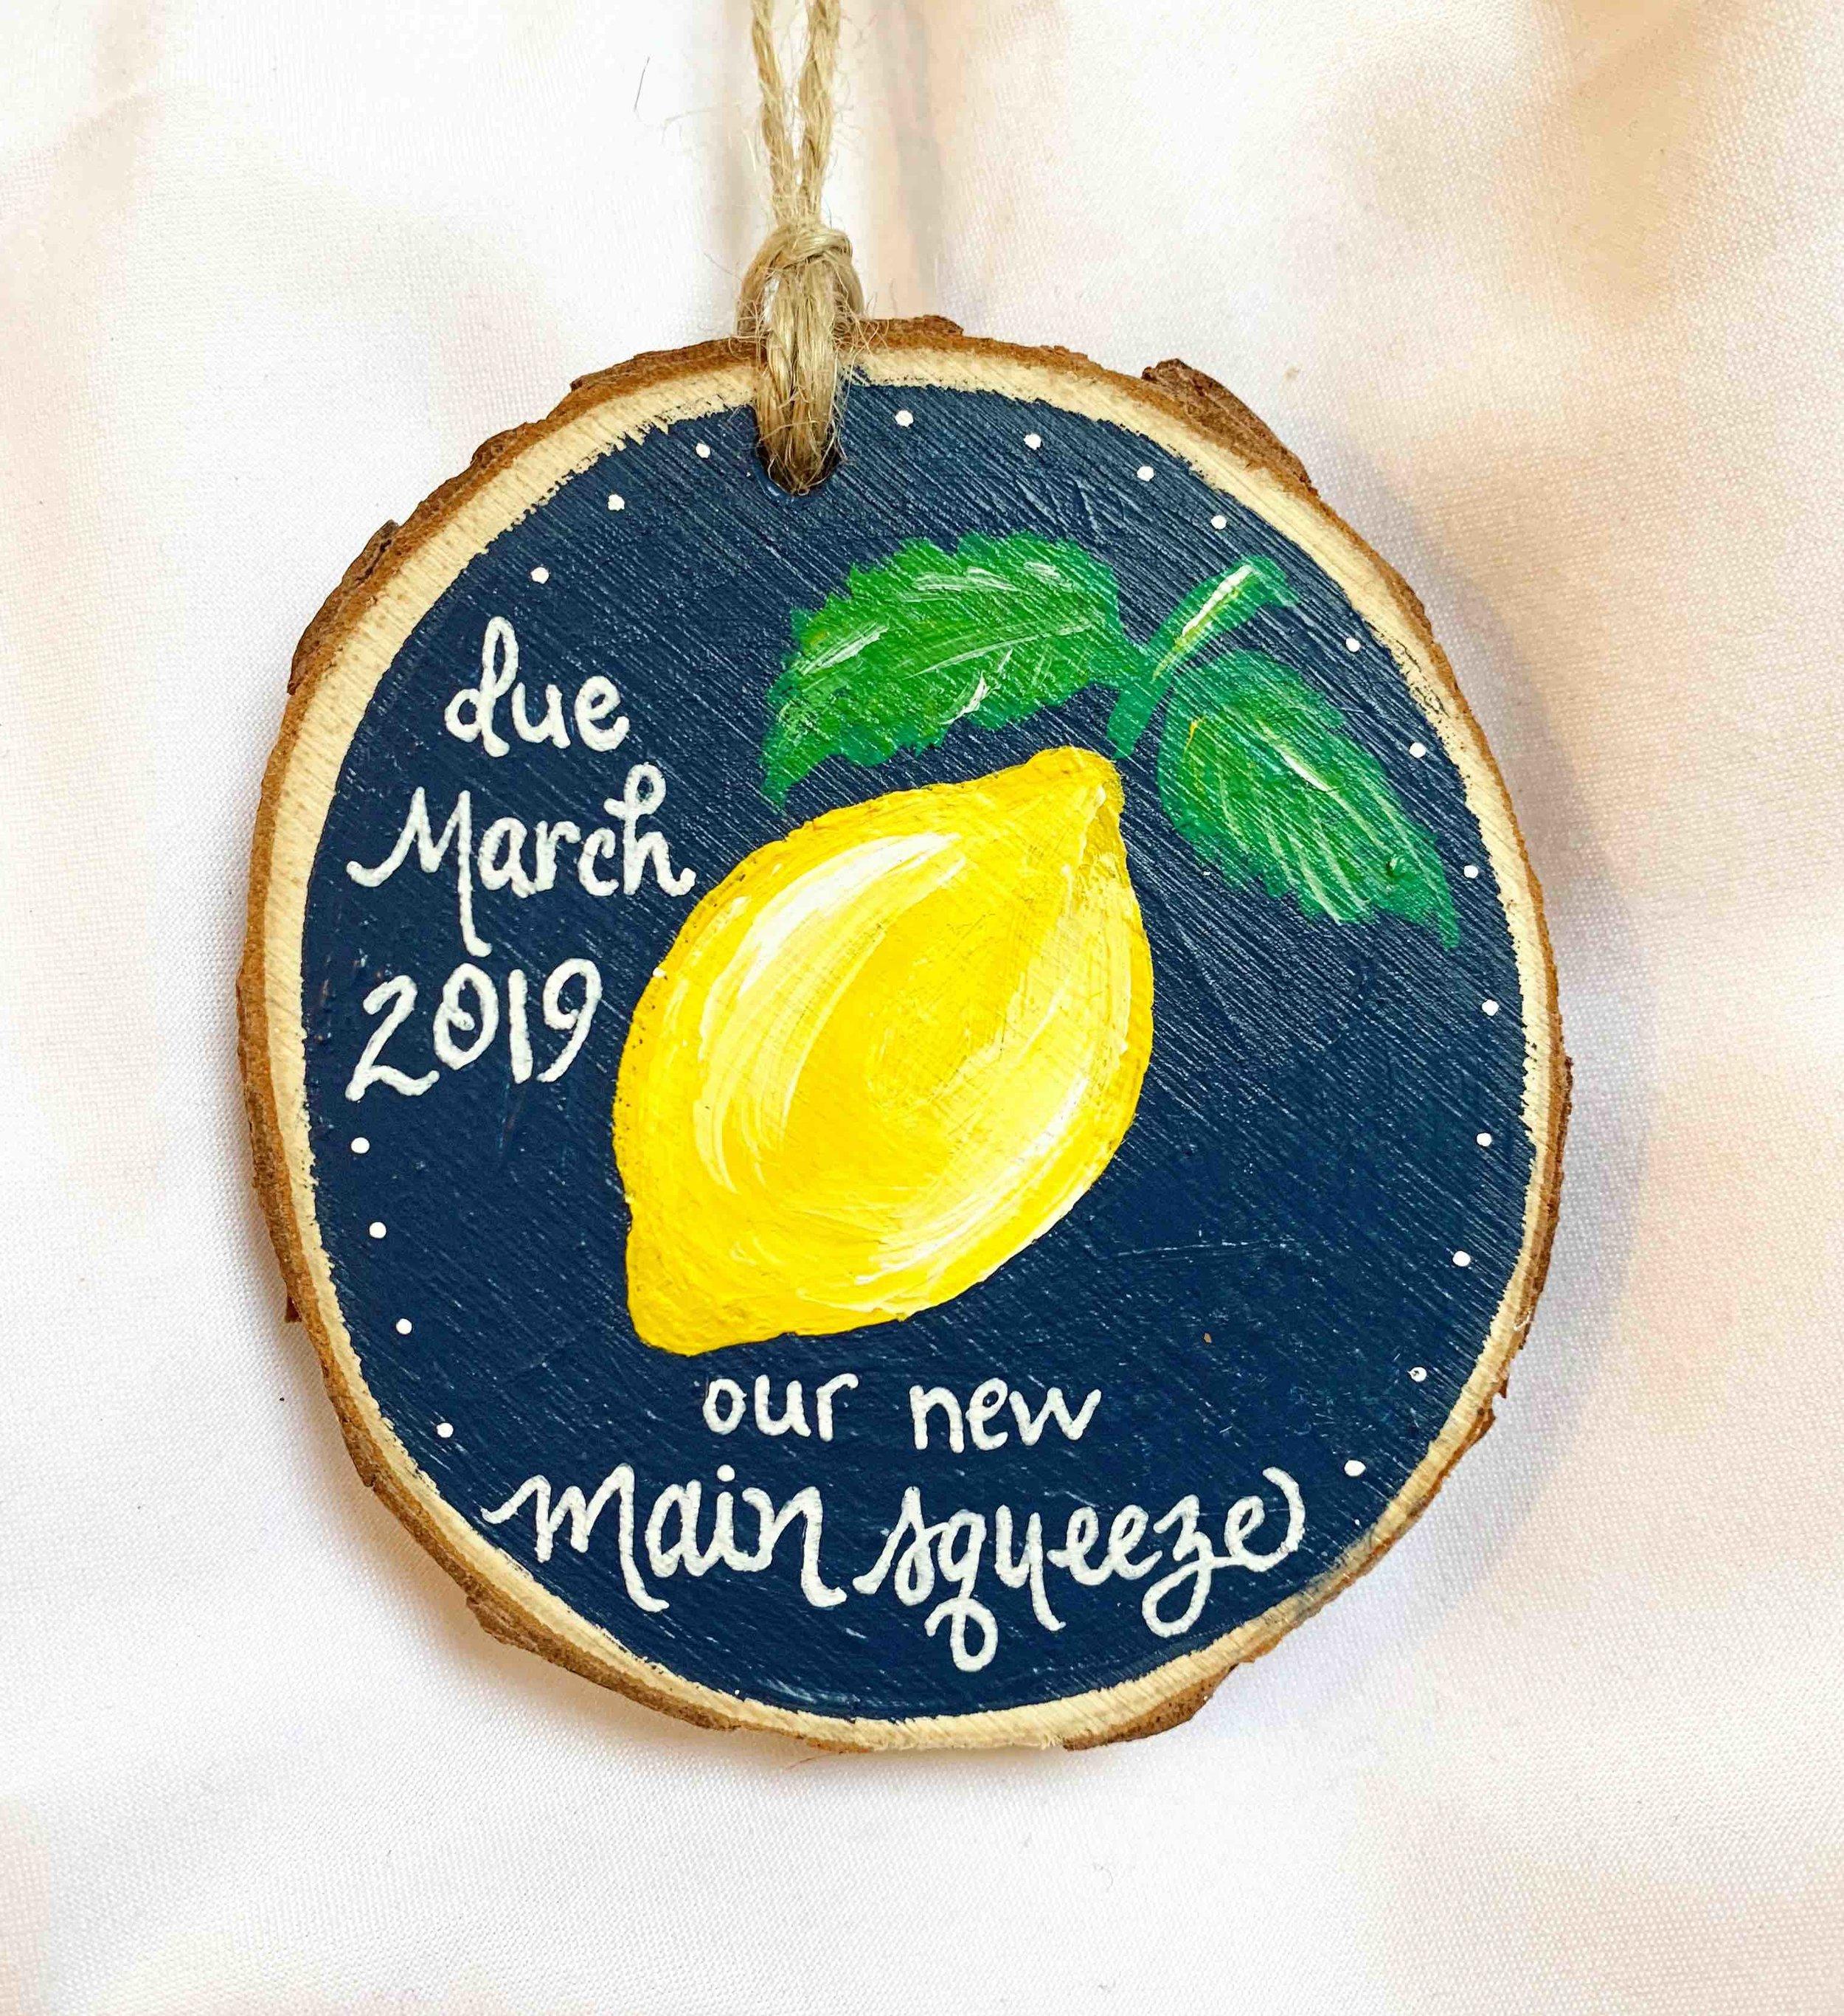 lemon baby shower ornament.jpg